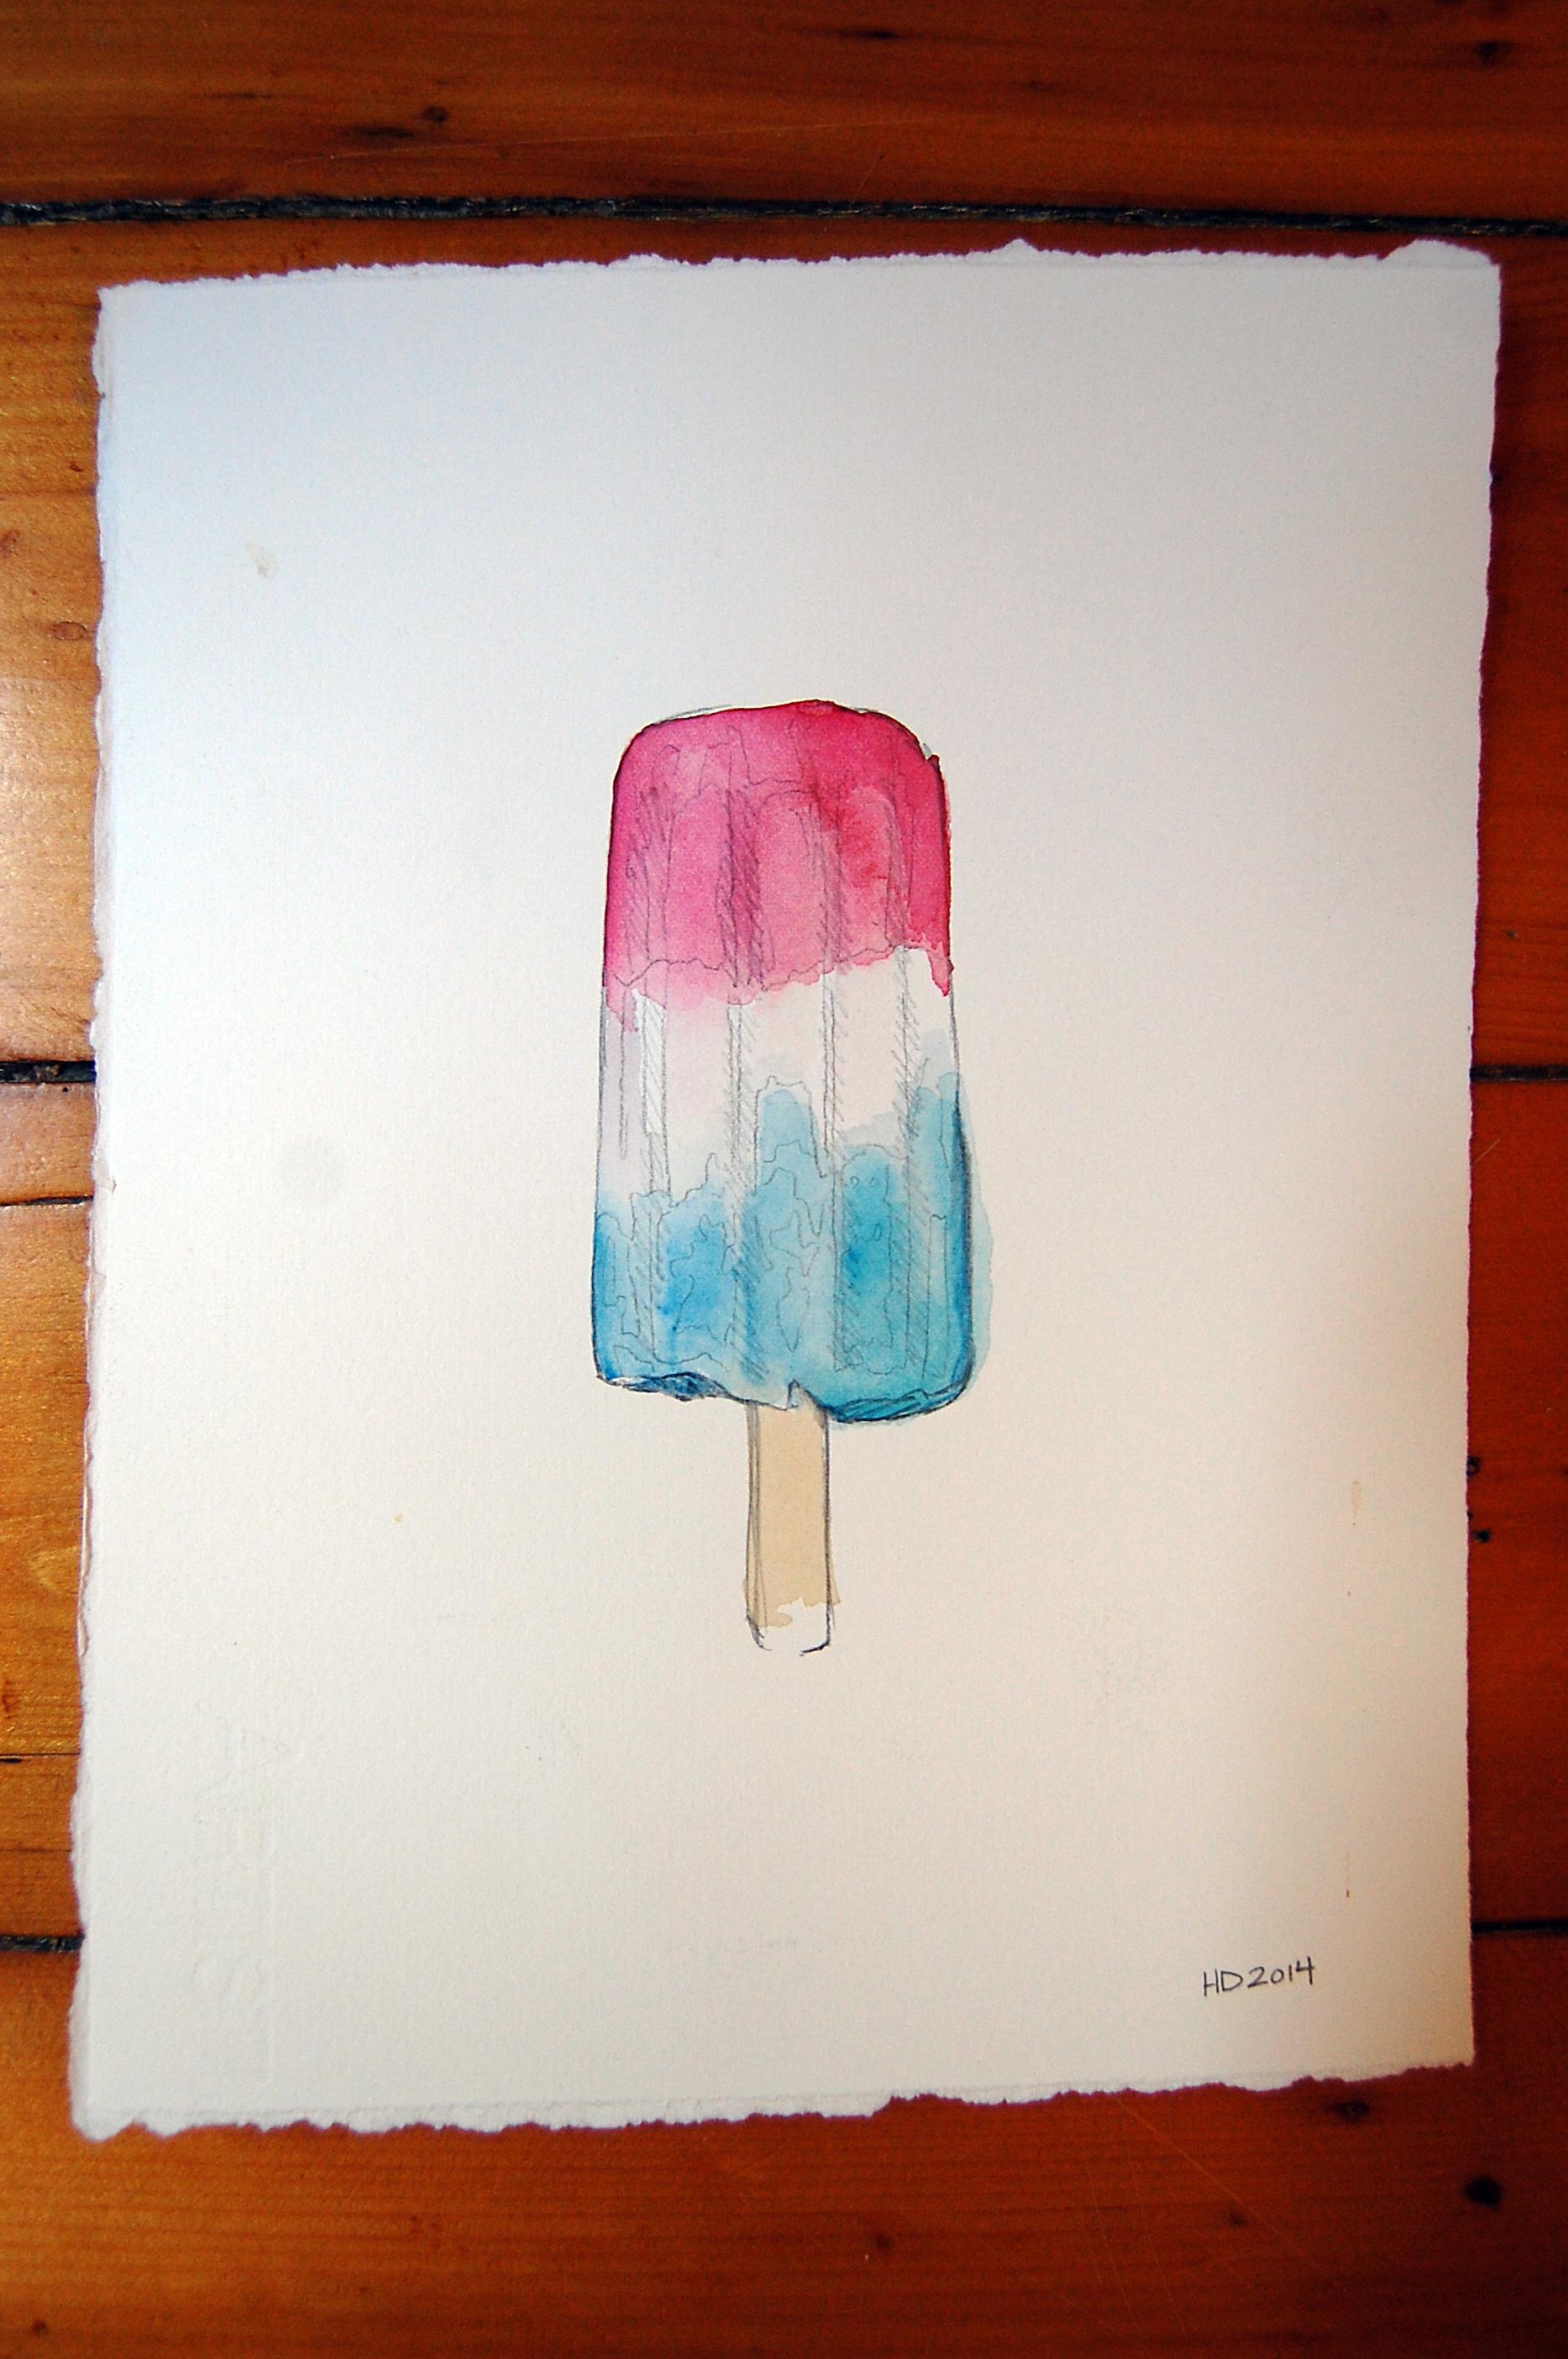 illustration-popsicle.JPG